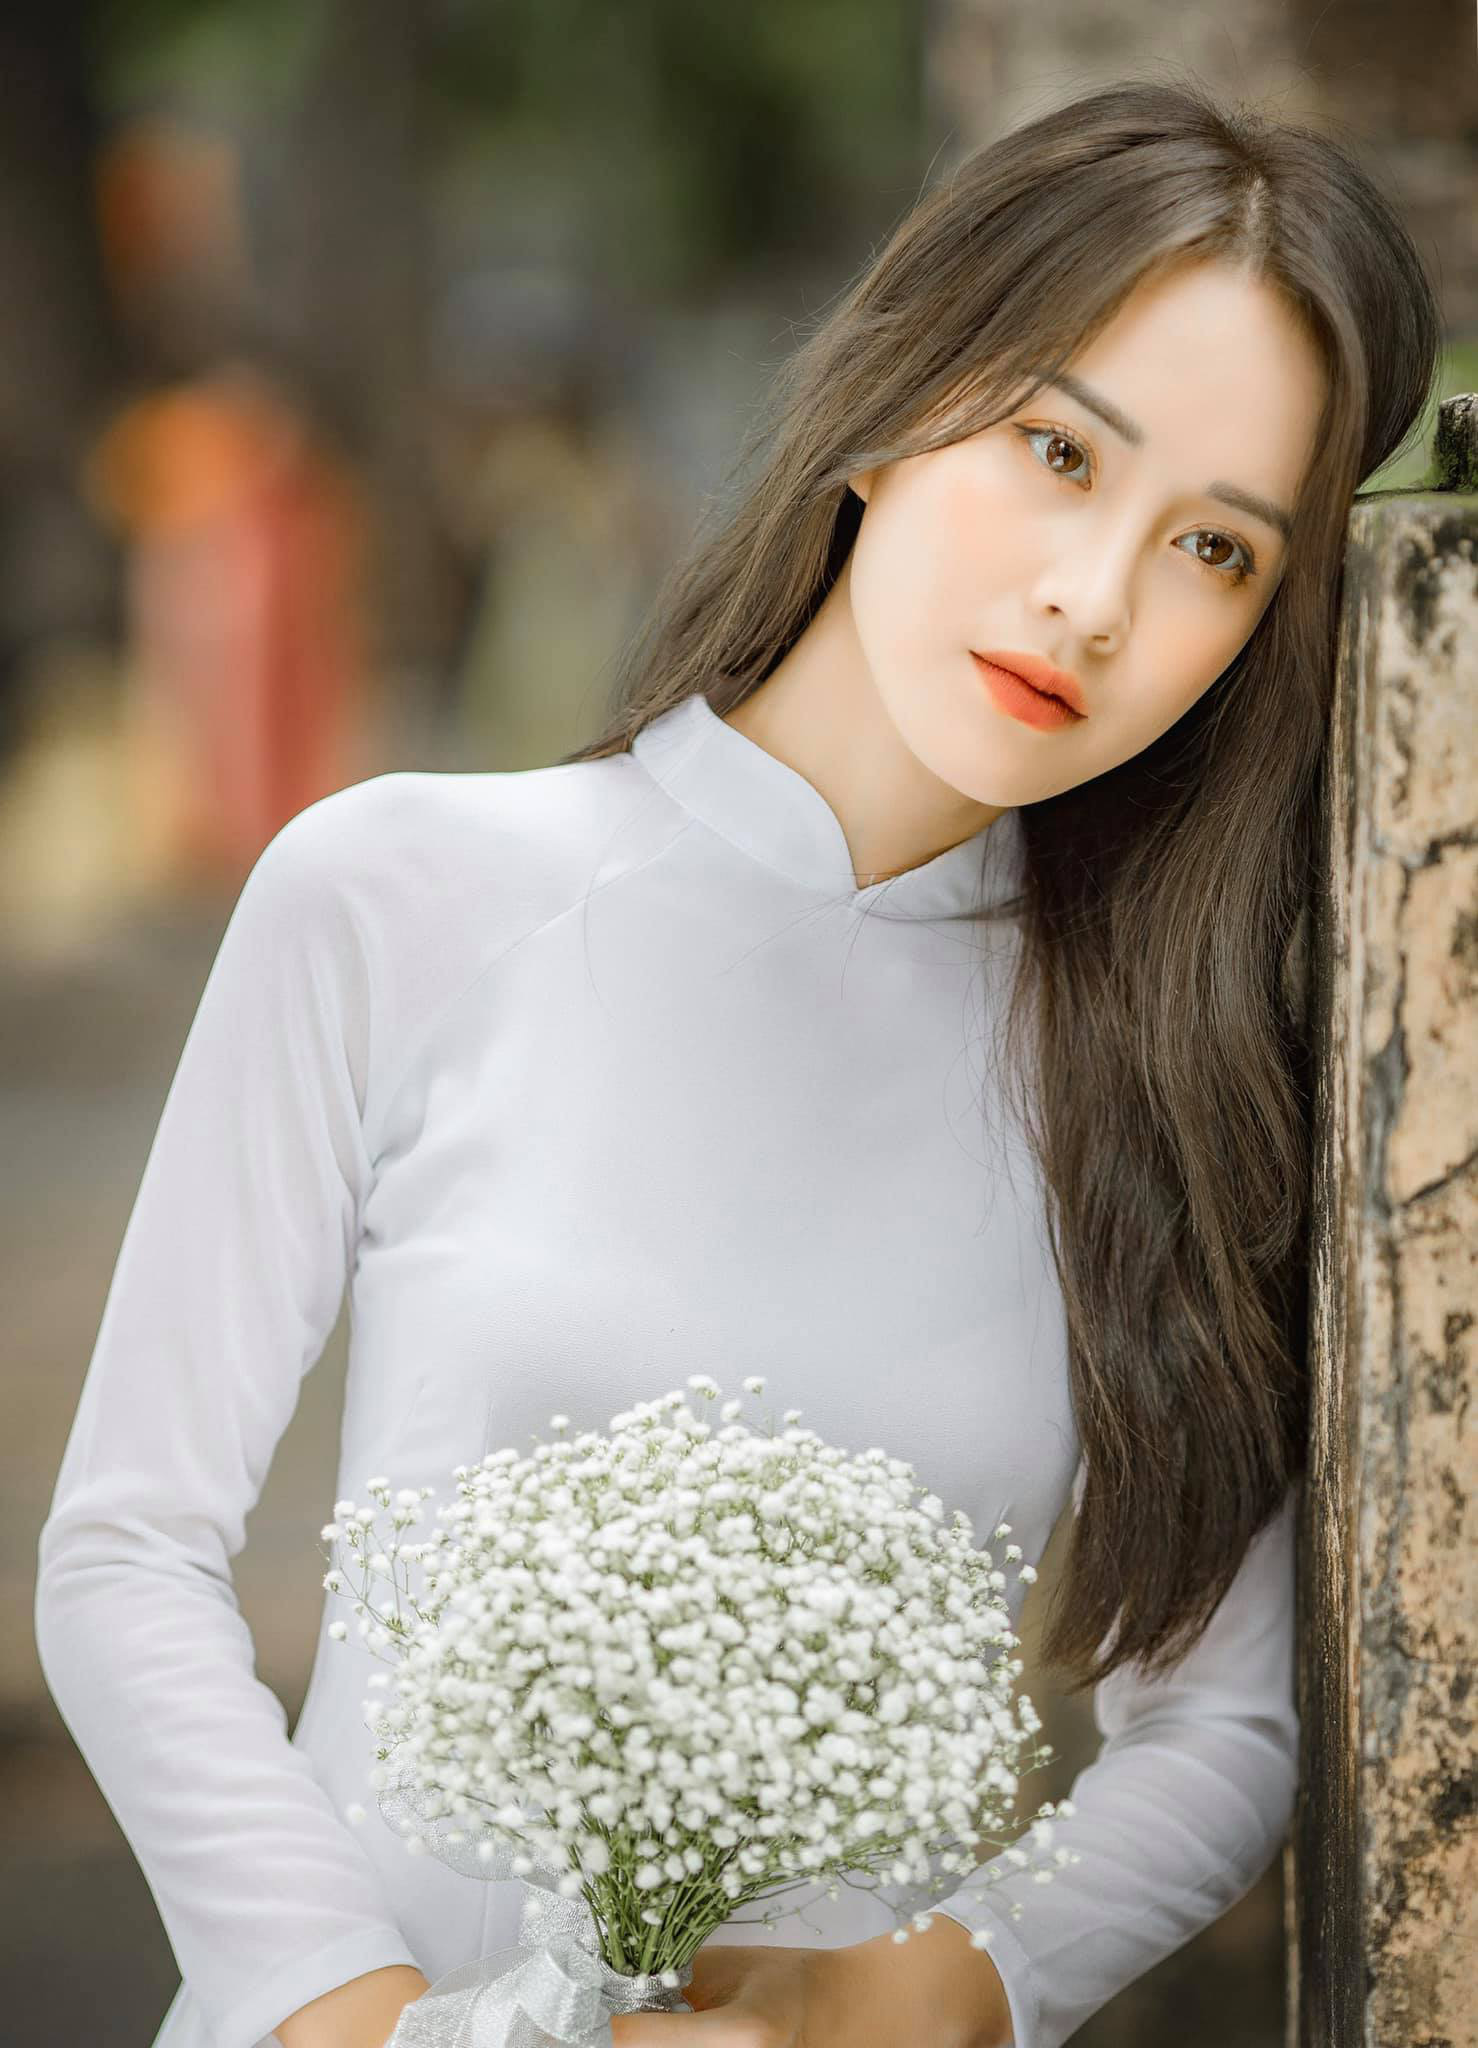 Nữ MC VTV xinh đẹp tựa nữ thần bỗng nhiên là thí sinh Hoa hậu Việt Nam 2020 vì lý do không ngờ là ai? - Ảnh 5.